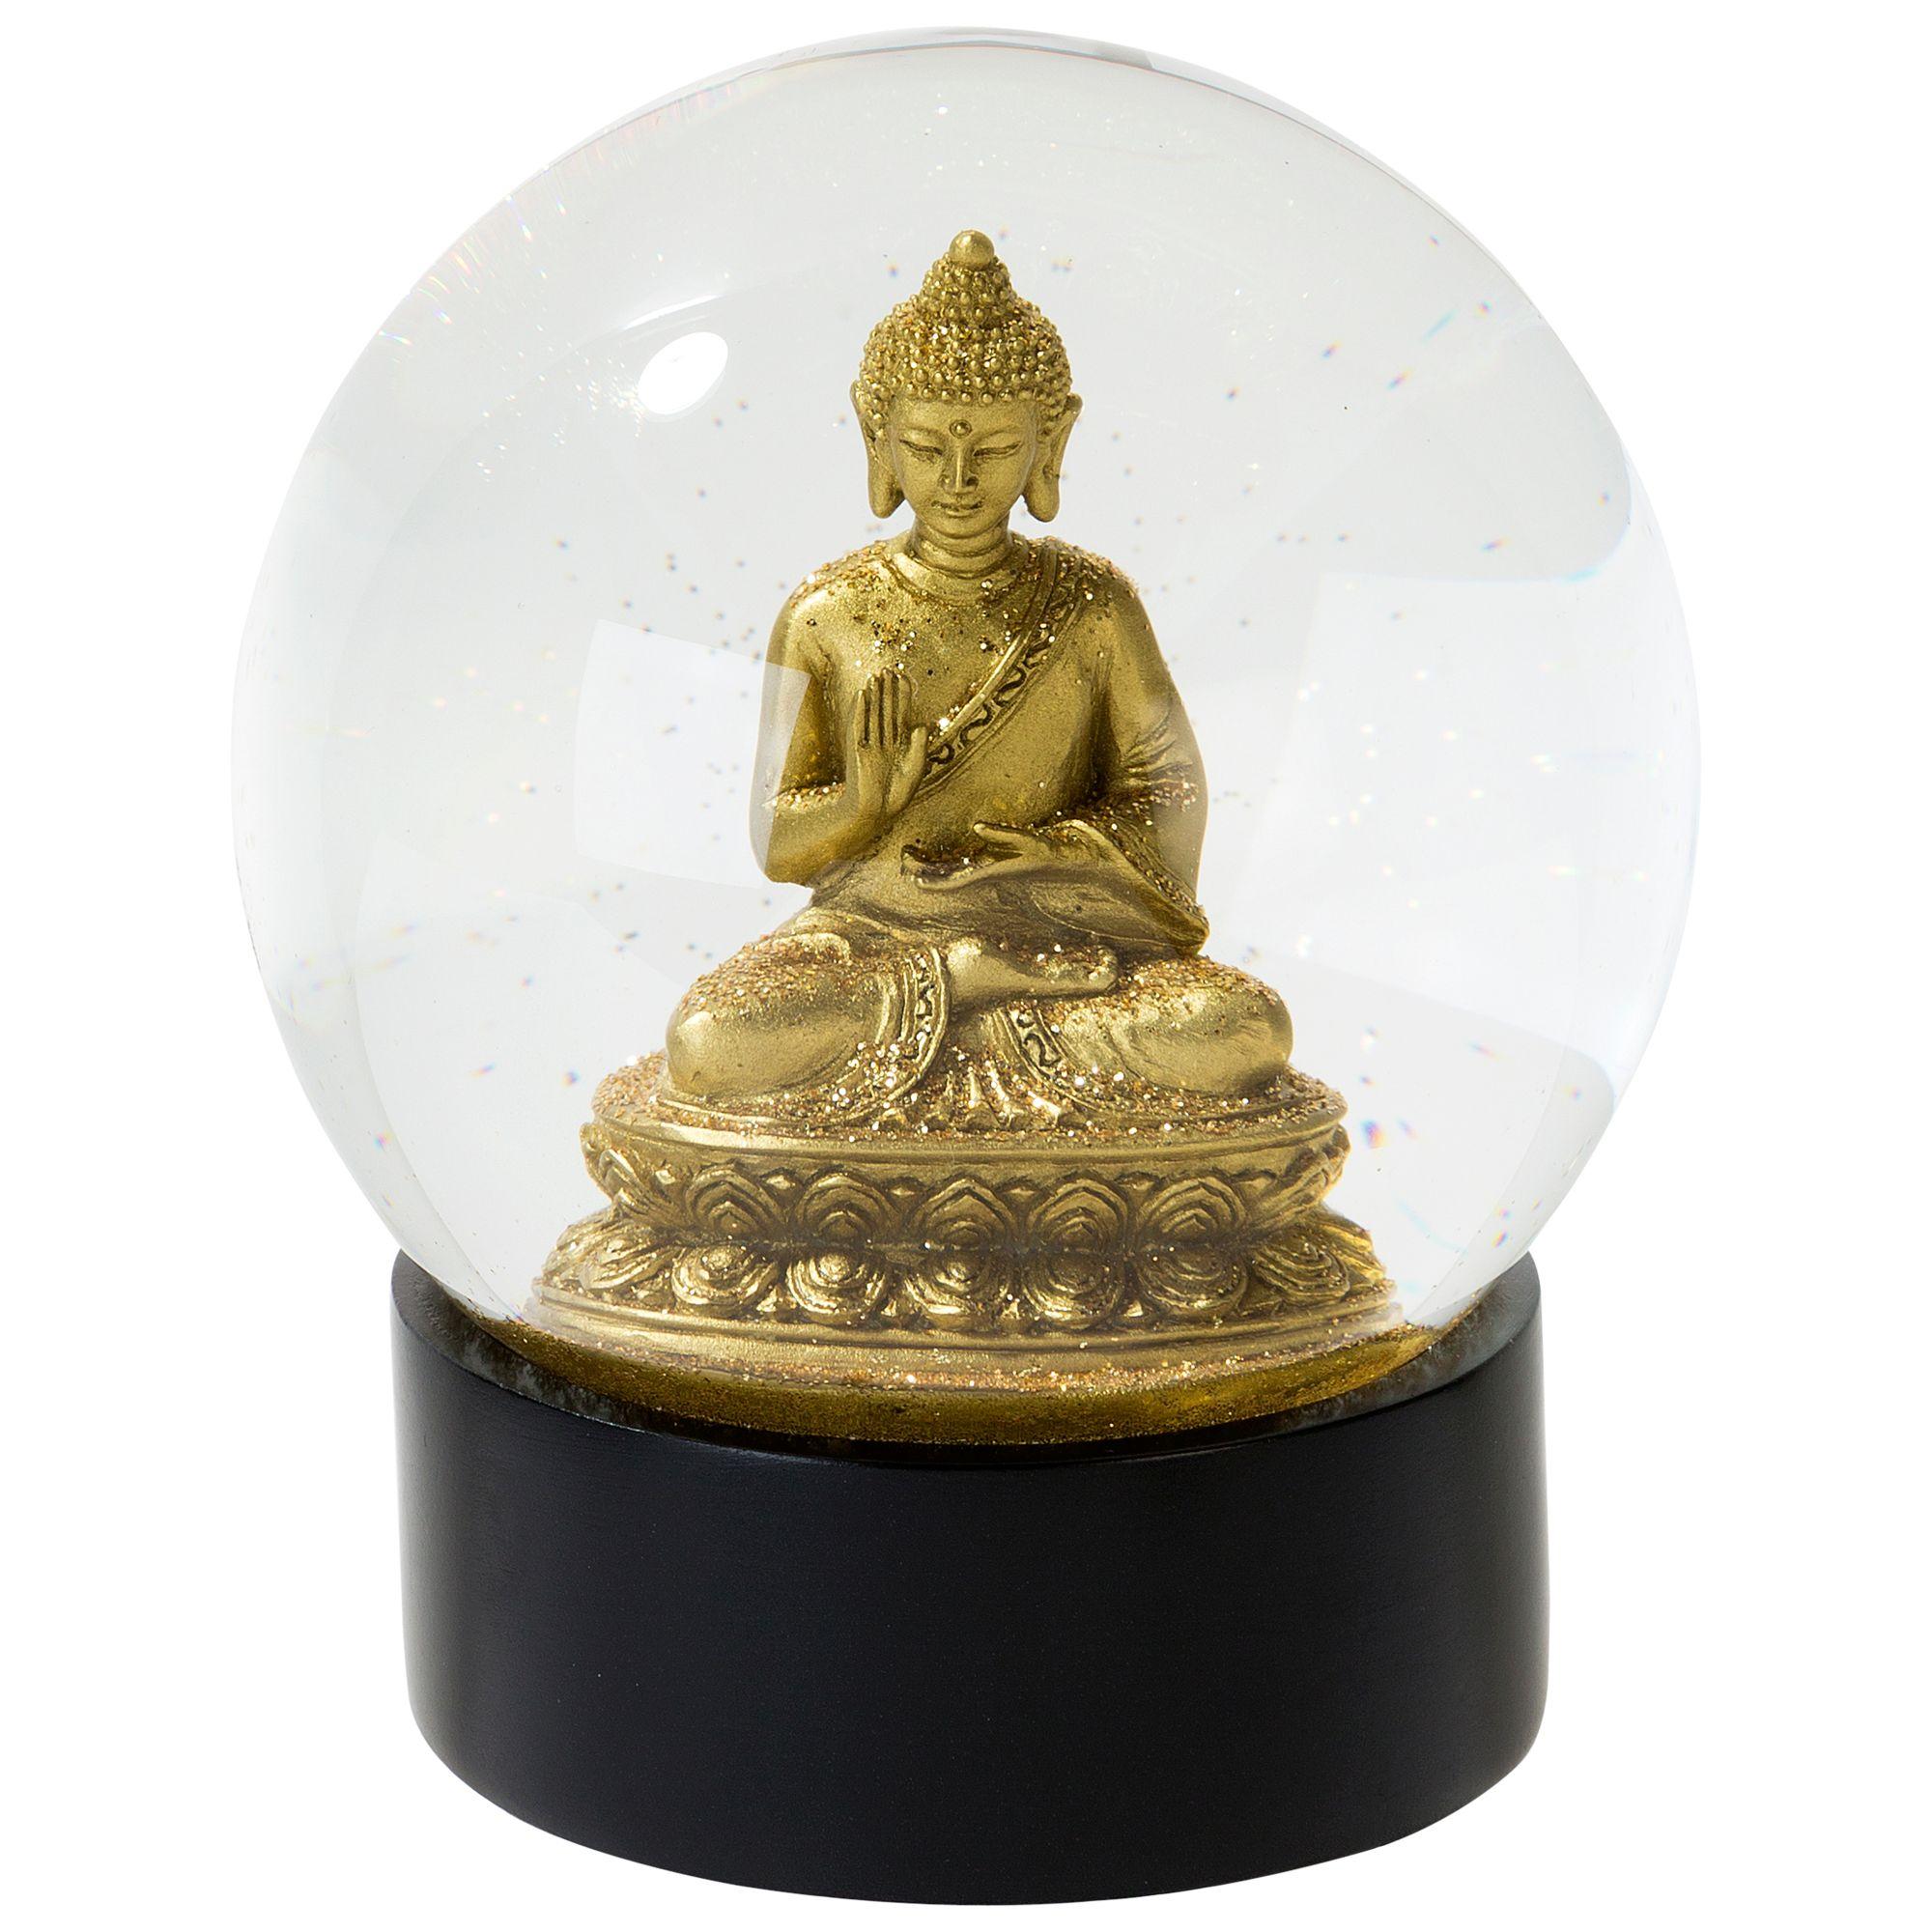 Talking Tables Talking Tables Buddha Snow Globe